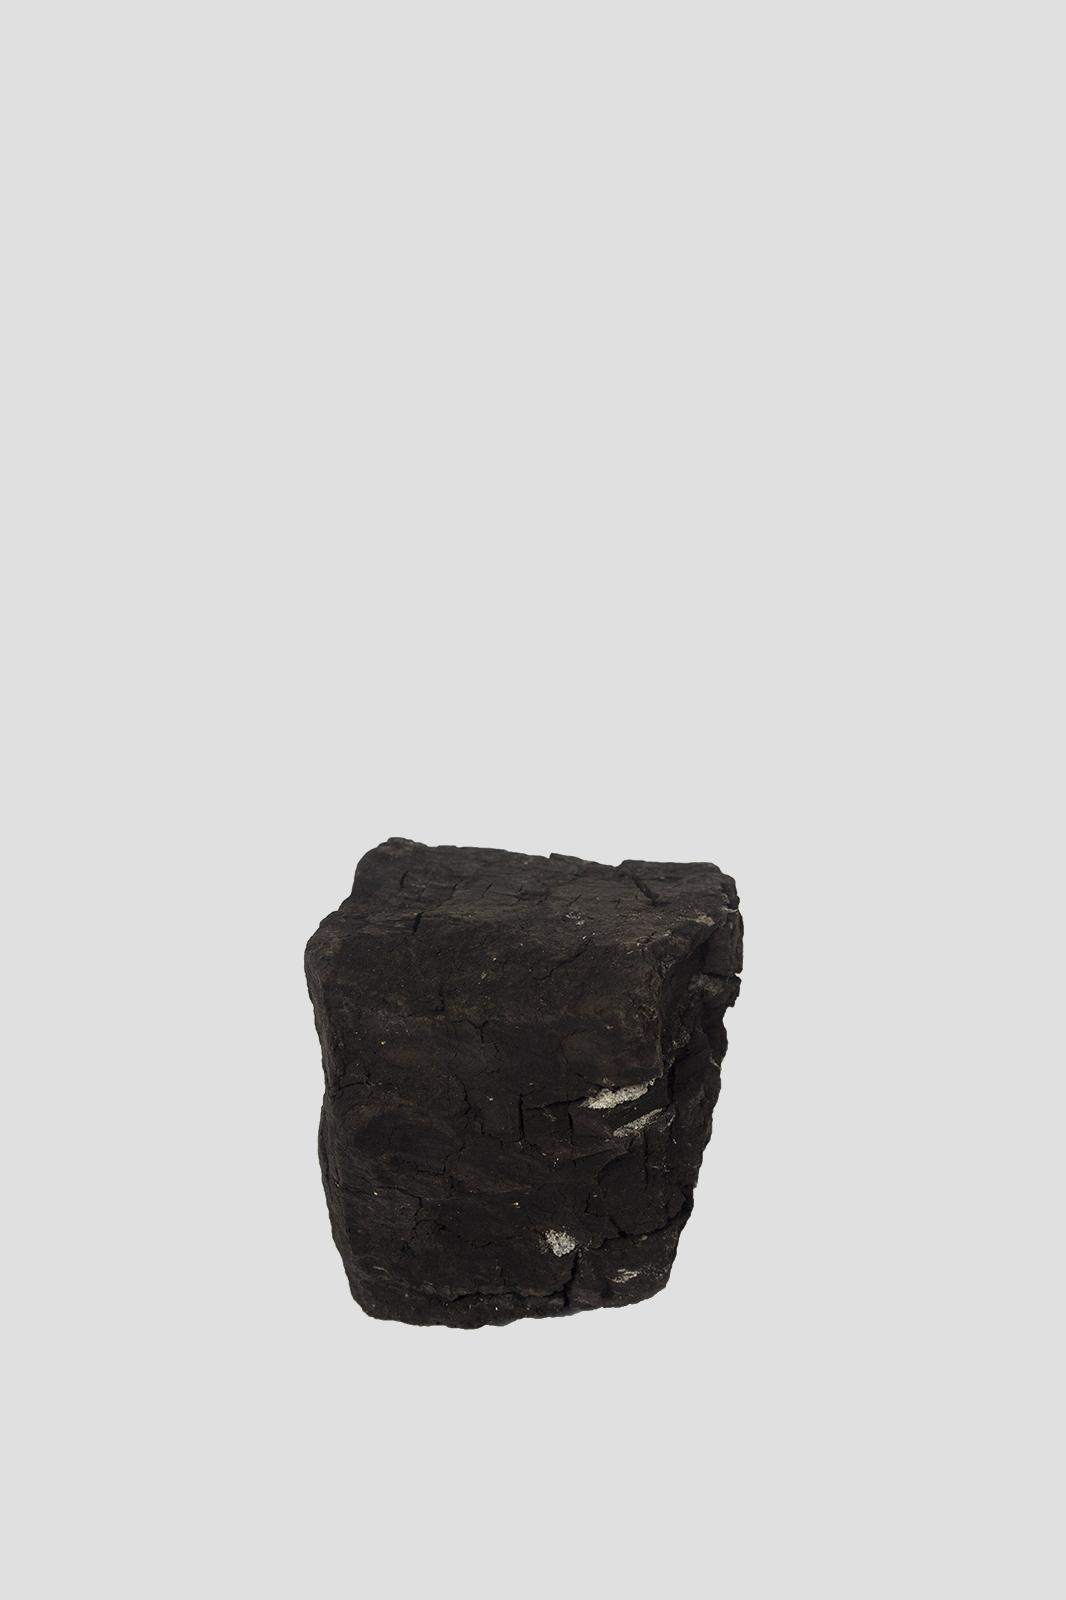 1-ша південна лава, видобута на глибині 885 метрів, шахта ім. Мельникова/ The first southern longwall, the Melnikov mine